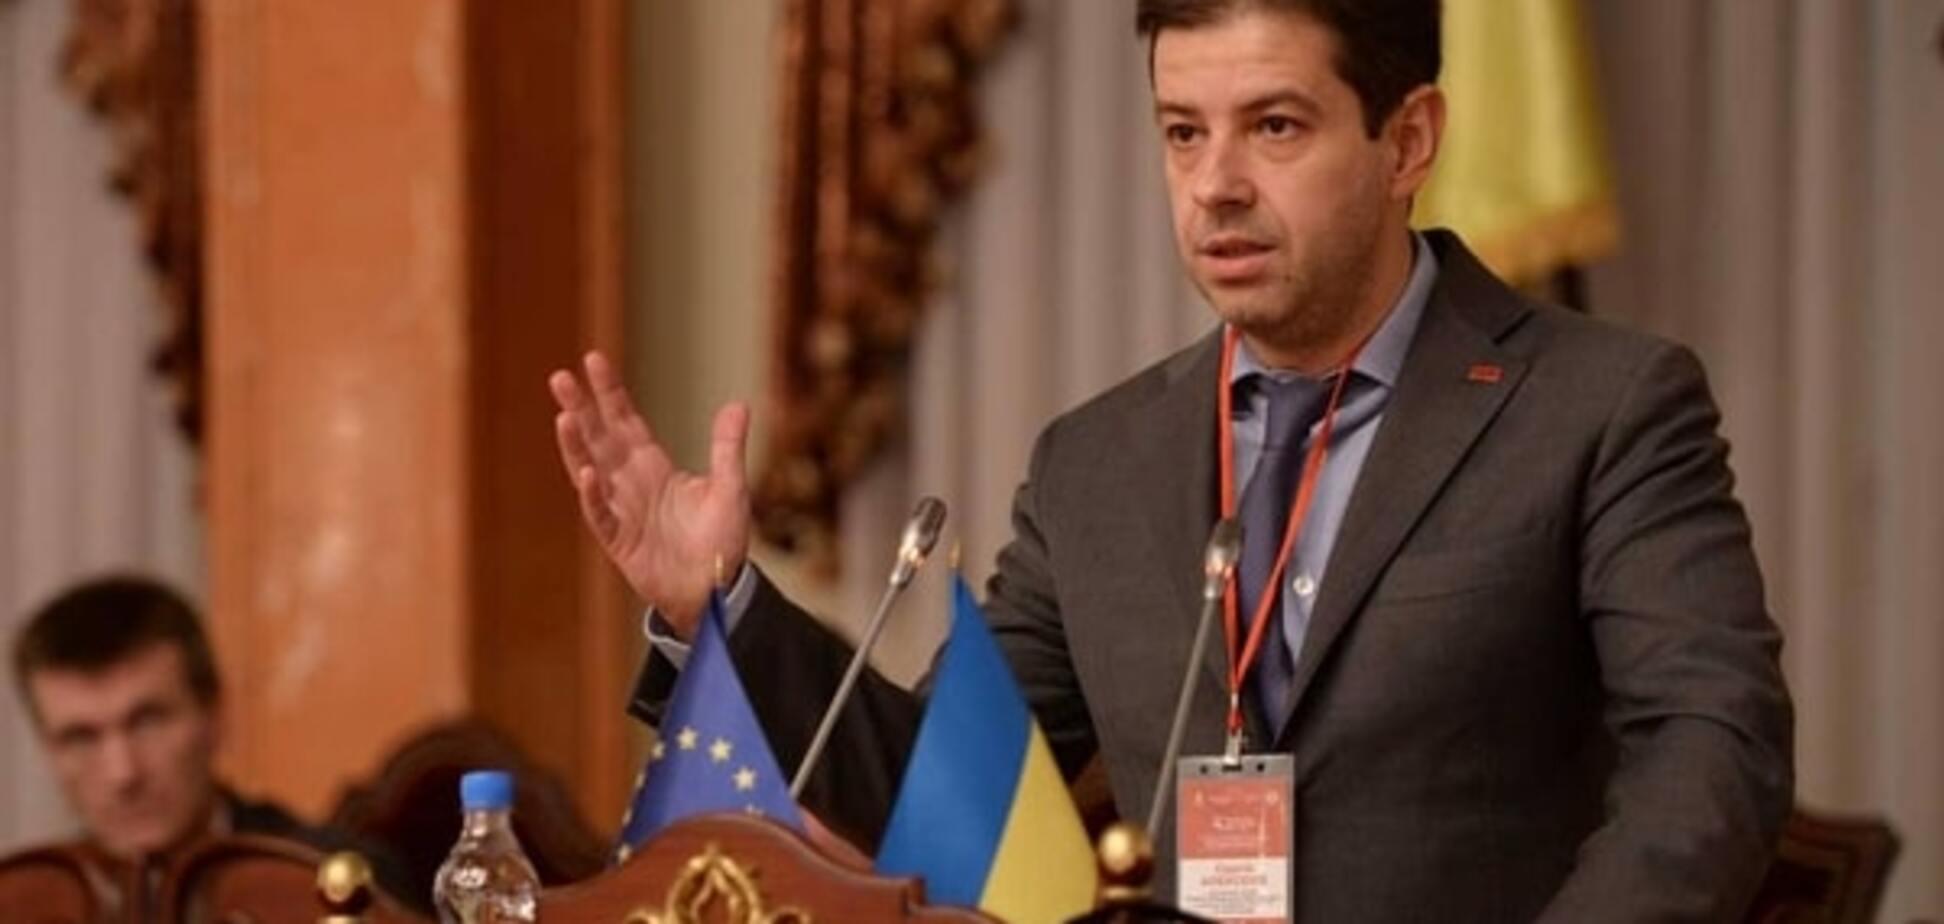 Децентрализацию используют как повод для раскачивания ситуации в стране - Алексеев